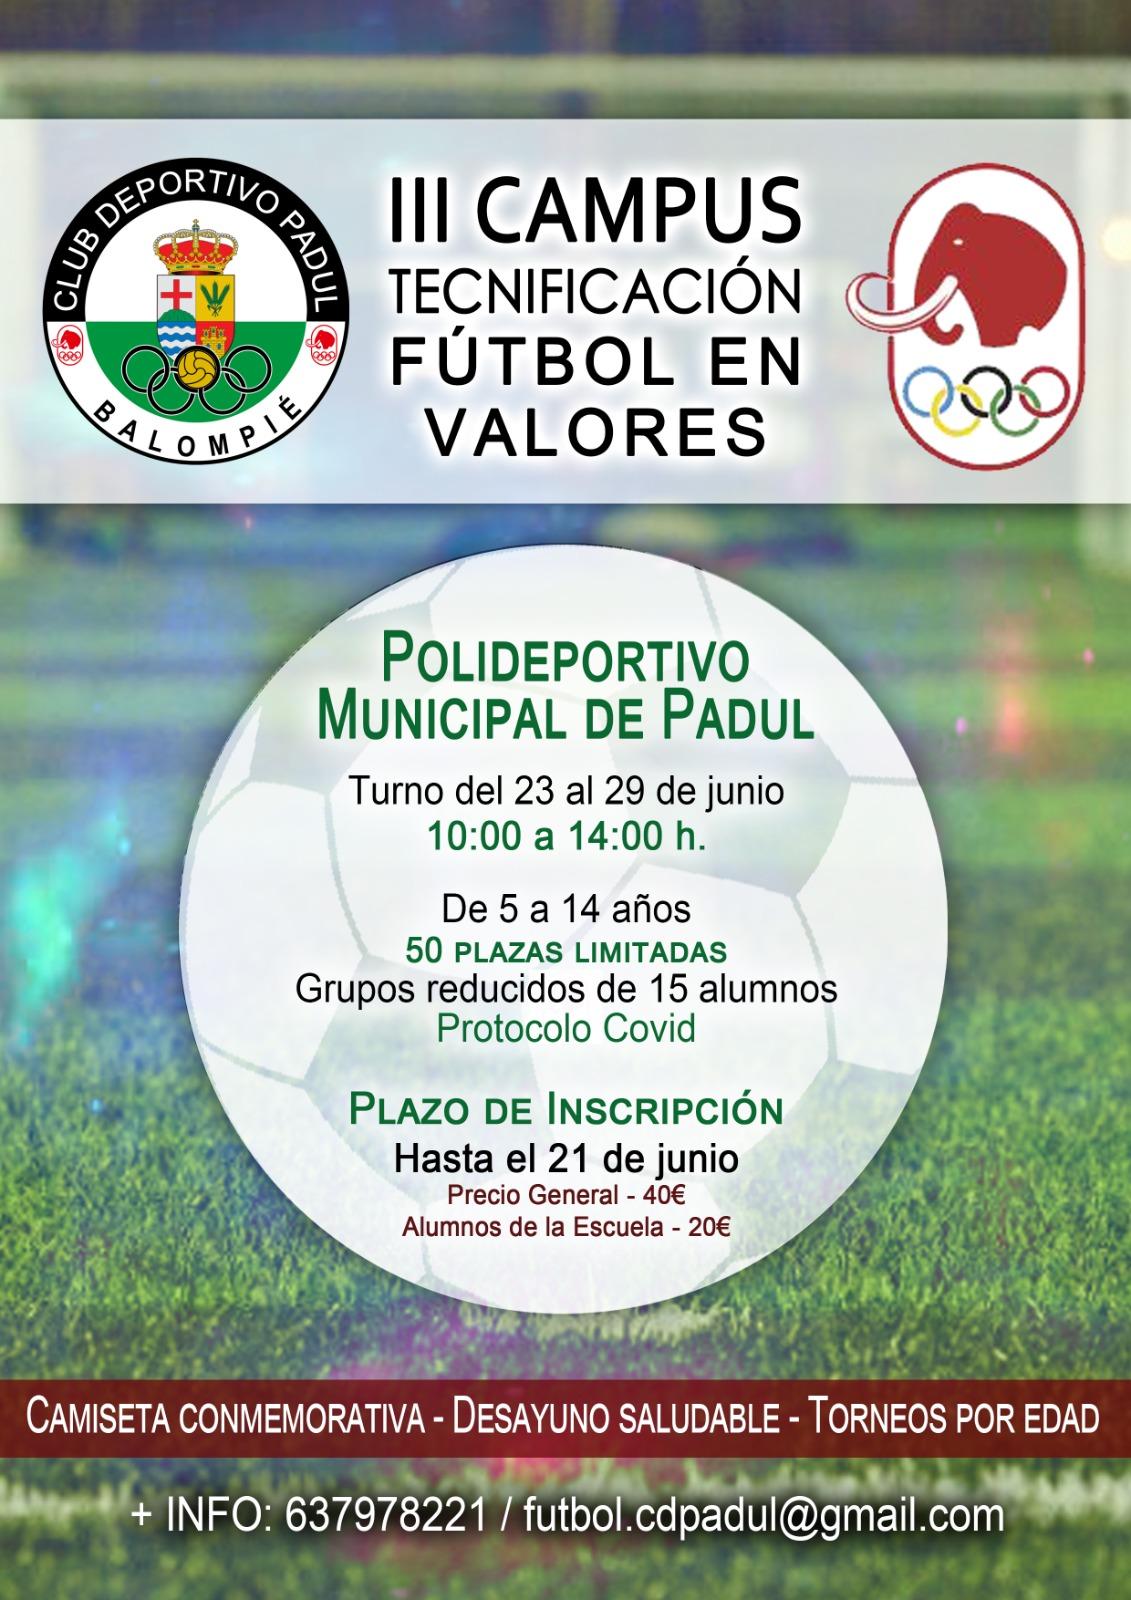 Tercer Campus Tecnificación fútbol en valores